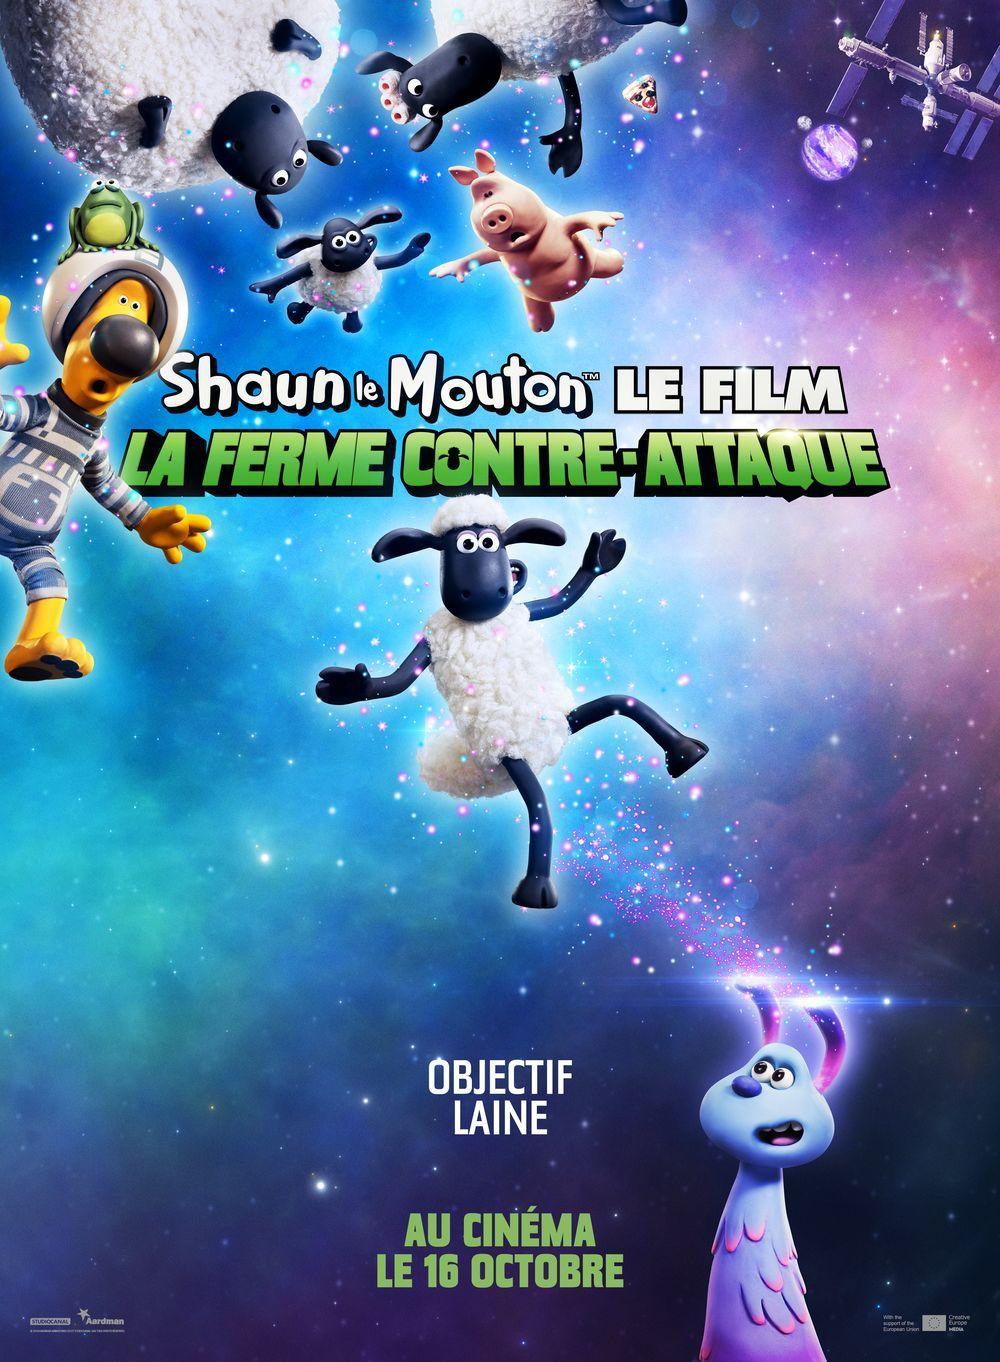 Trailer Shaun Le Mouton Le Film La Ferme Contre Attaque Shaun Le Mouton Films Complets Film